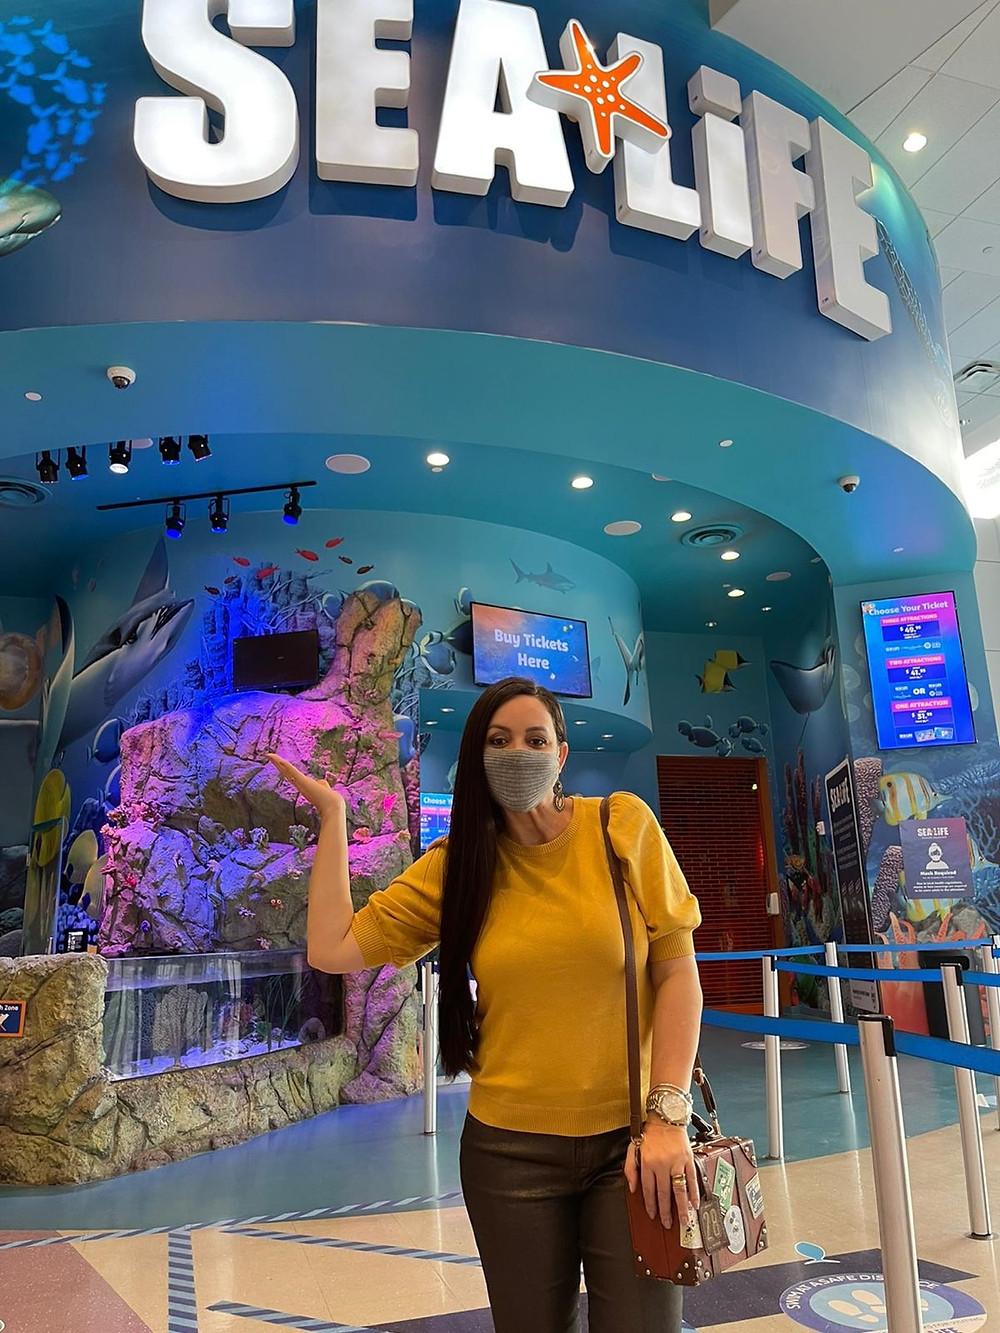 aquário sealife em Orlando